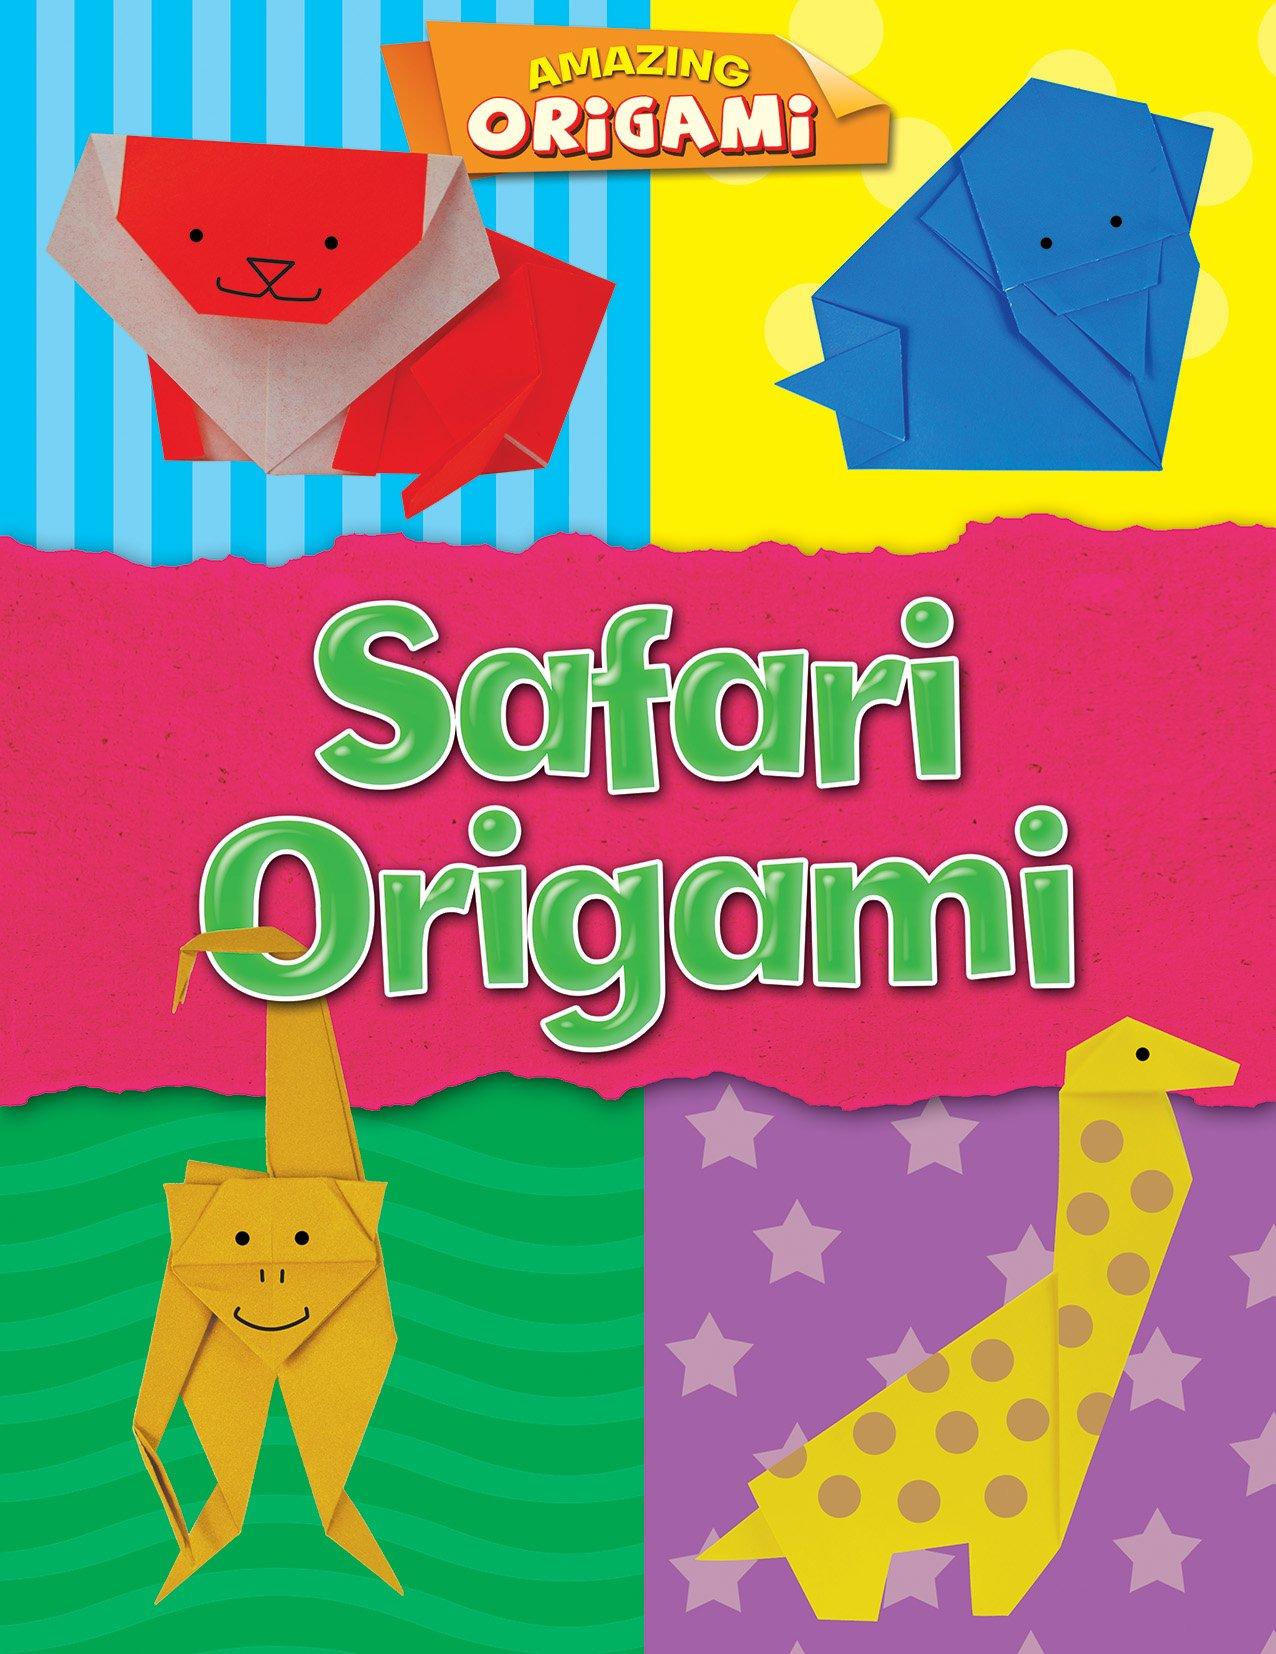 safari-origami-amazing-origami